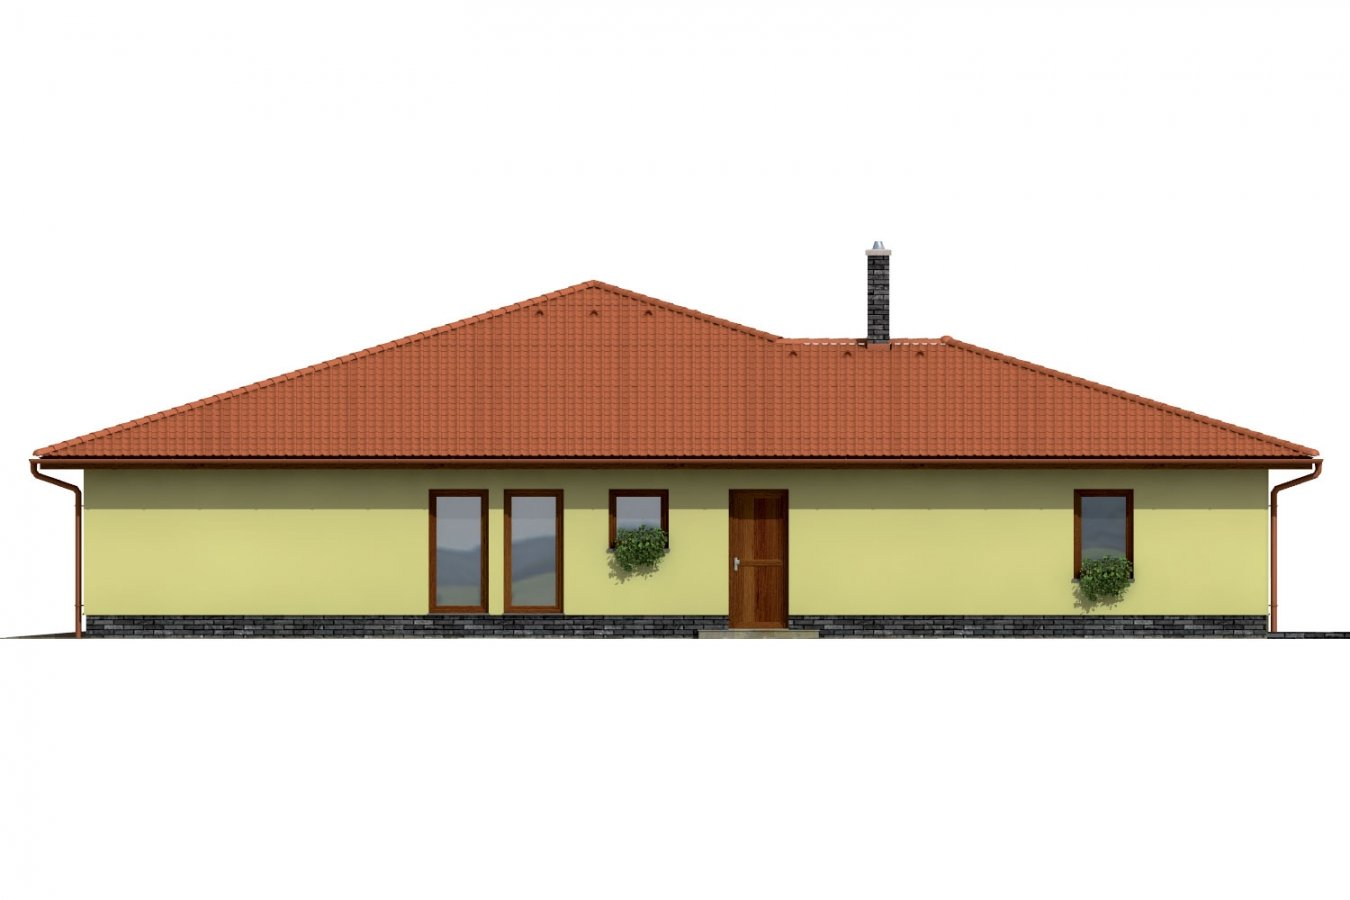 Pohľad 1. - Exkluzívny bungalov s dvomi garážami.